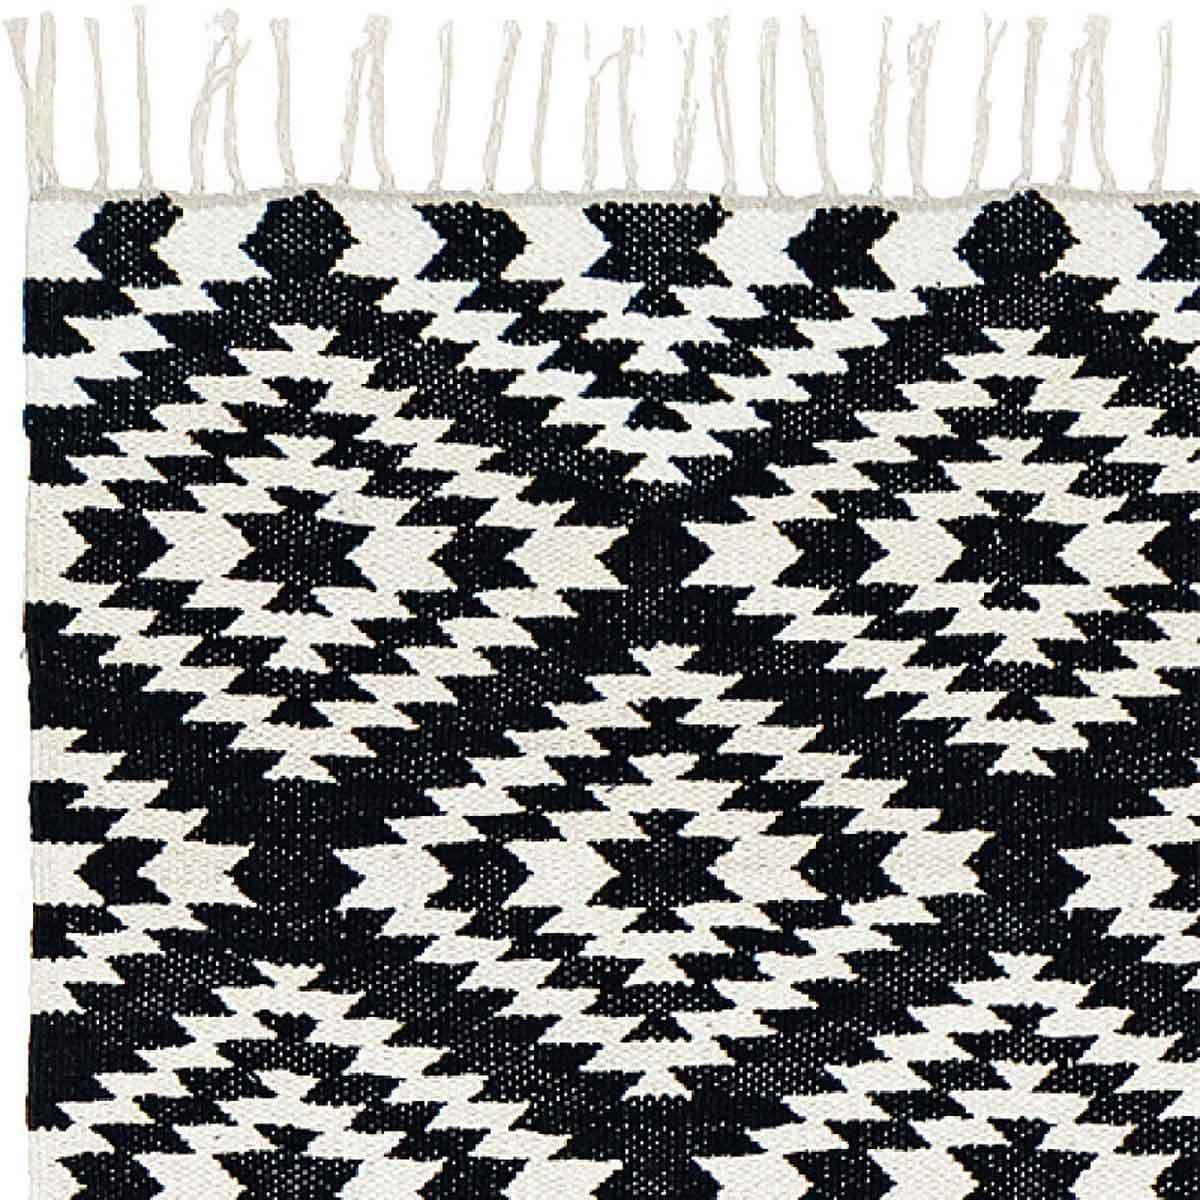 Liv Interior Baumwollteppich Teppich140 x 200 handgewebt schwarz weiß Franzen